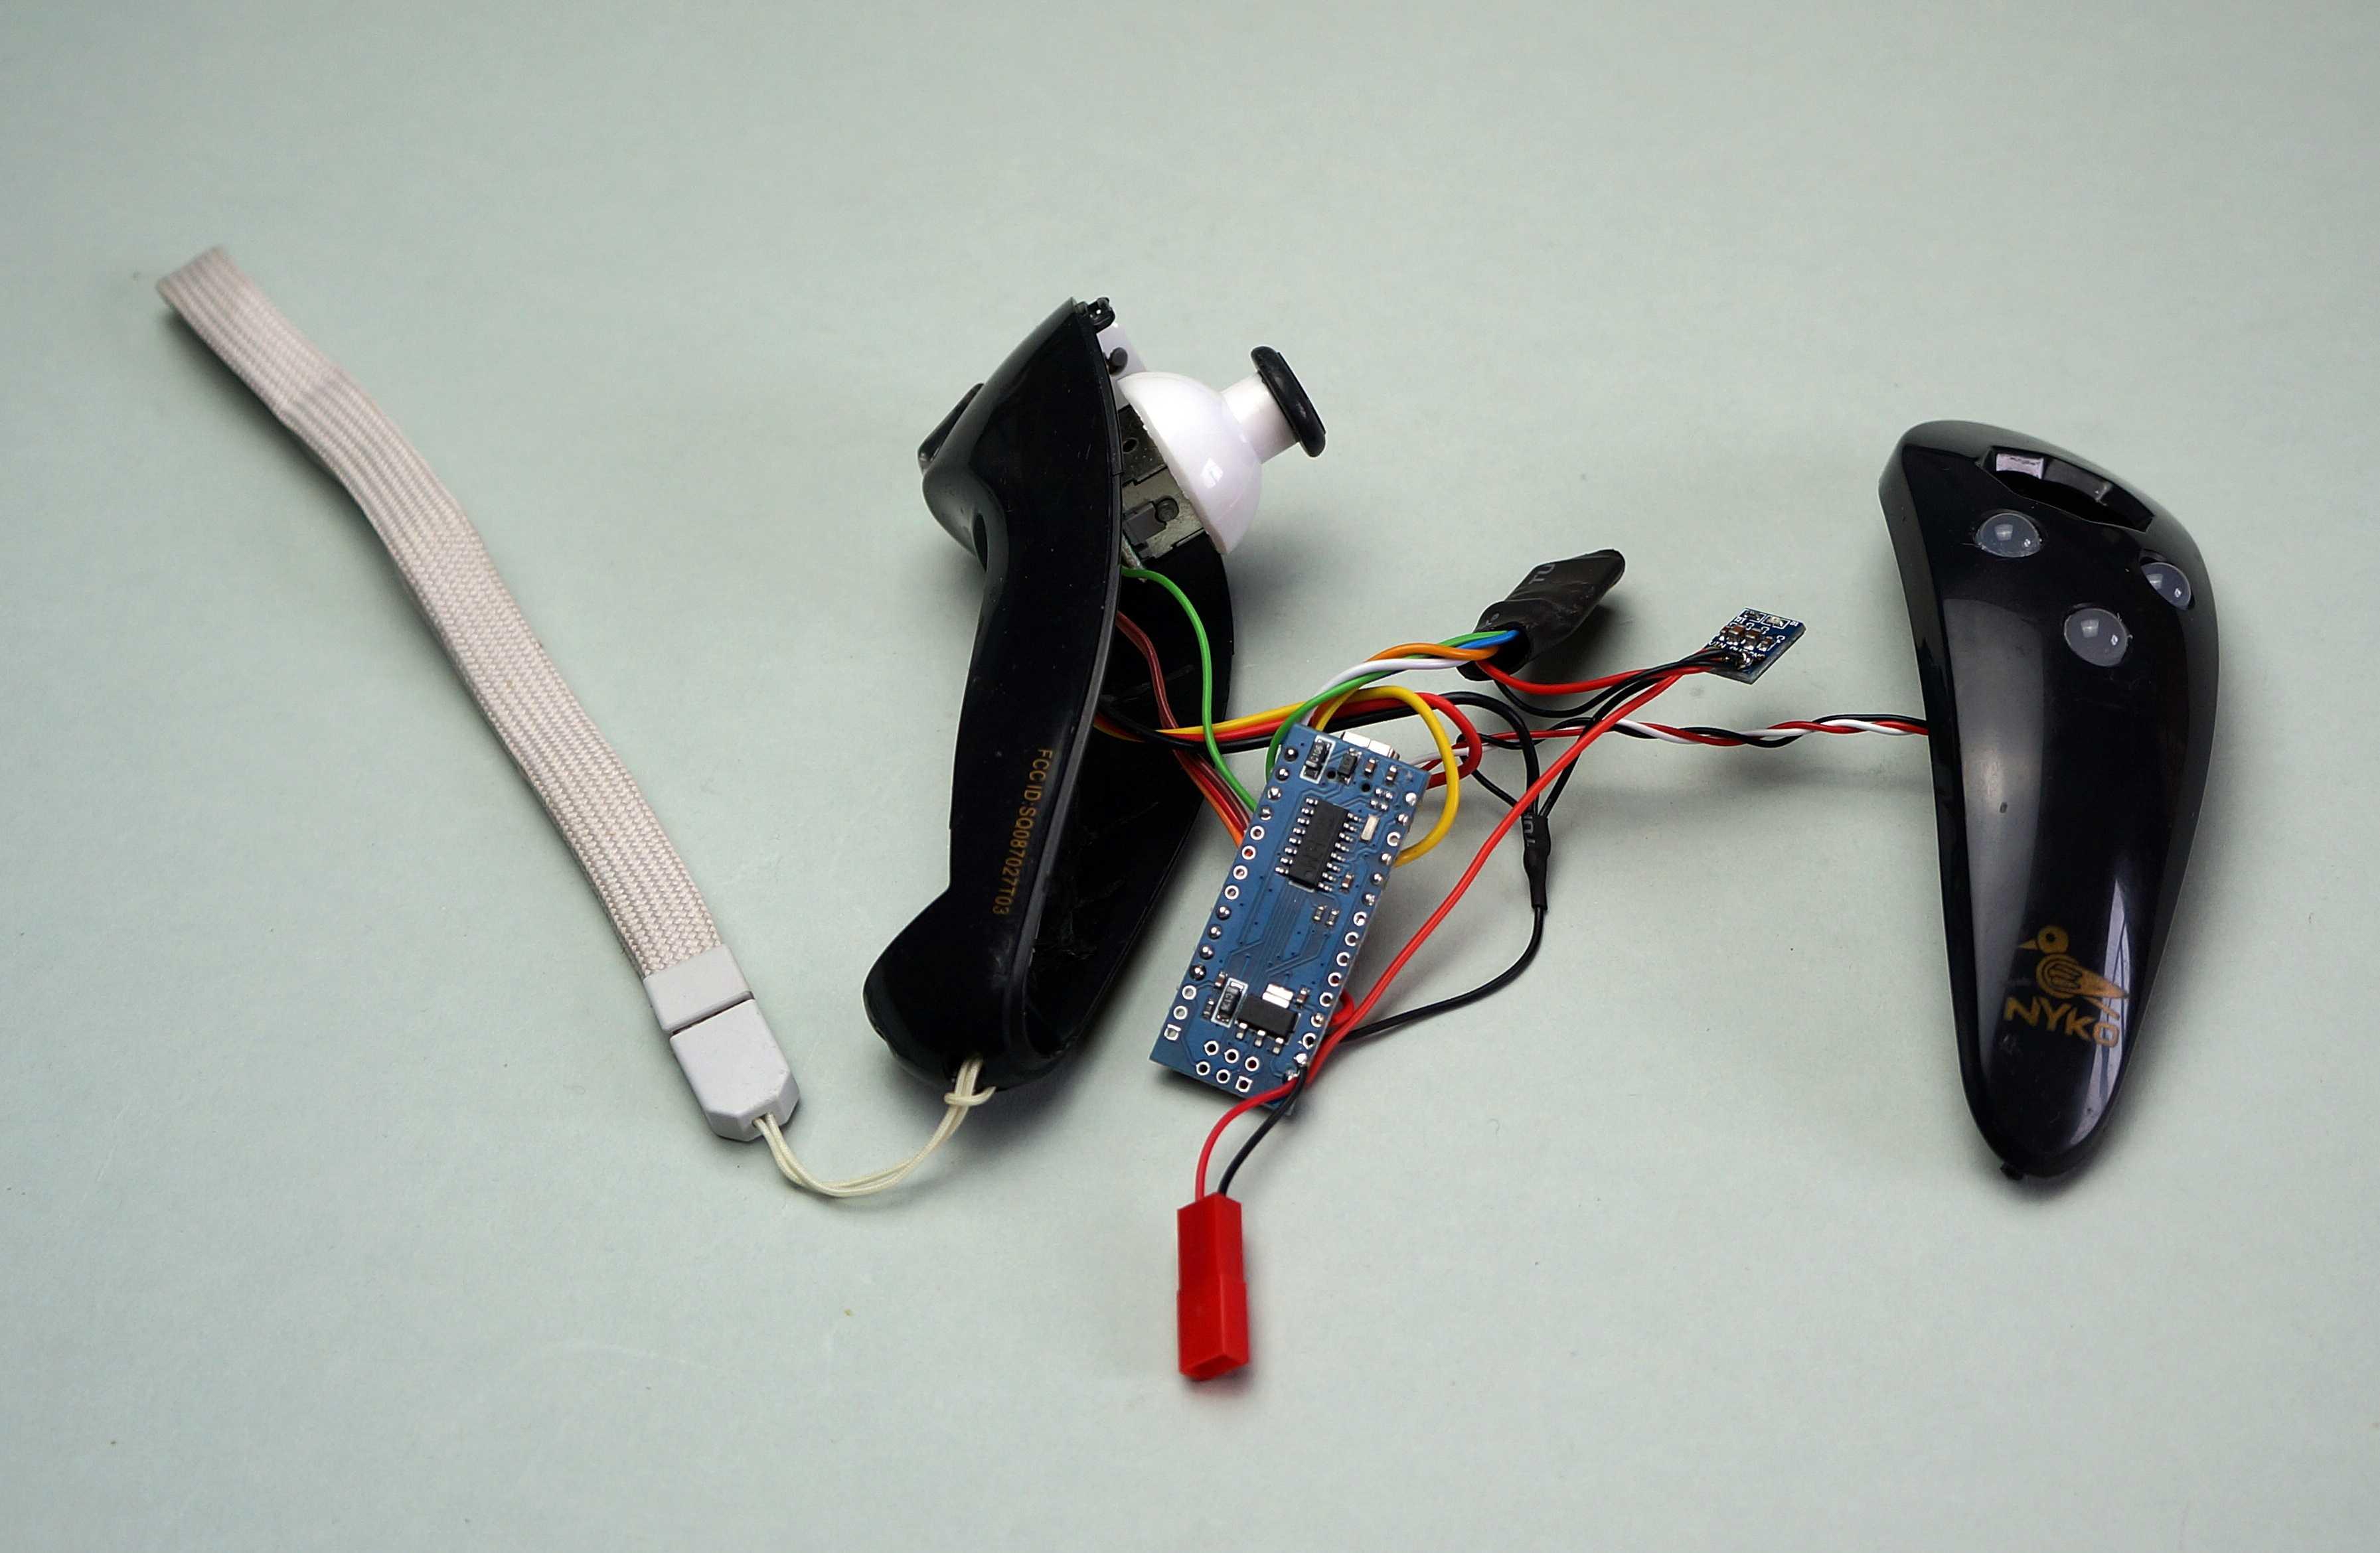 Geöffneter Nunchuk mit Arduino nano